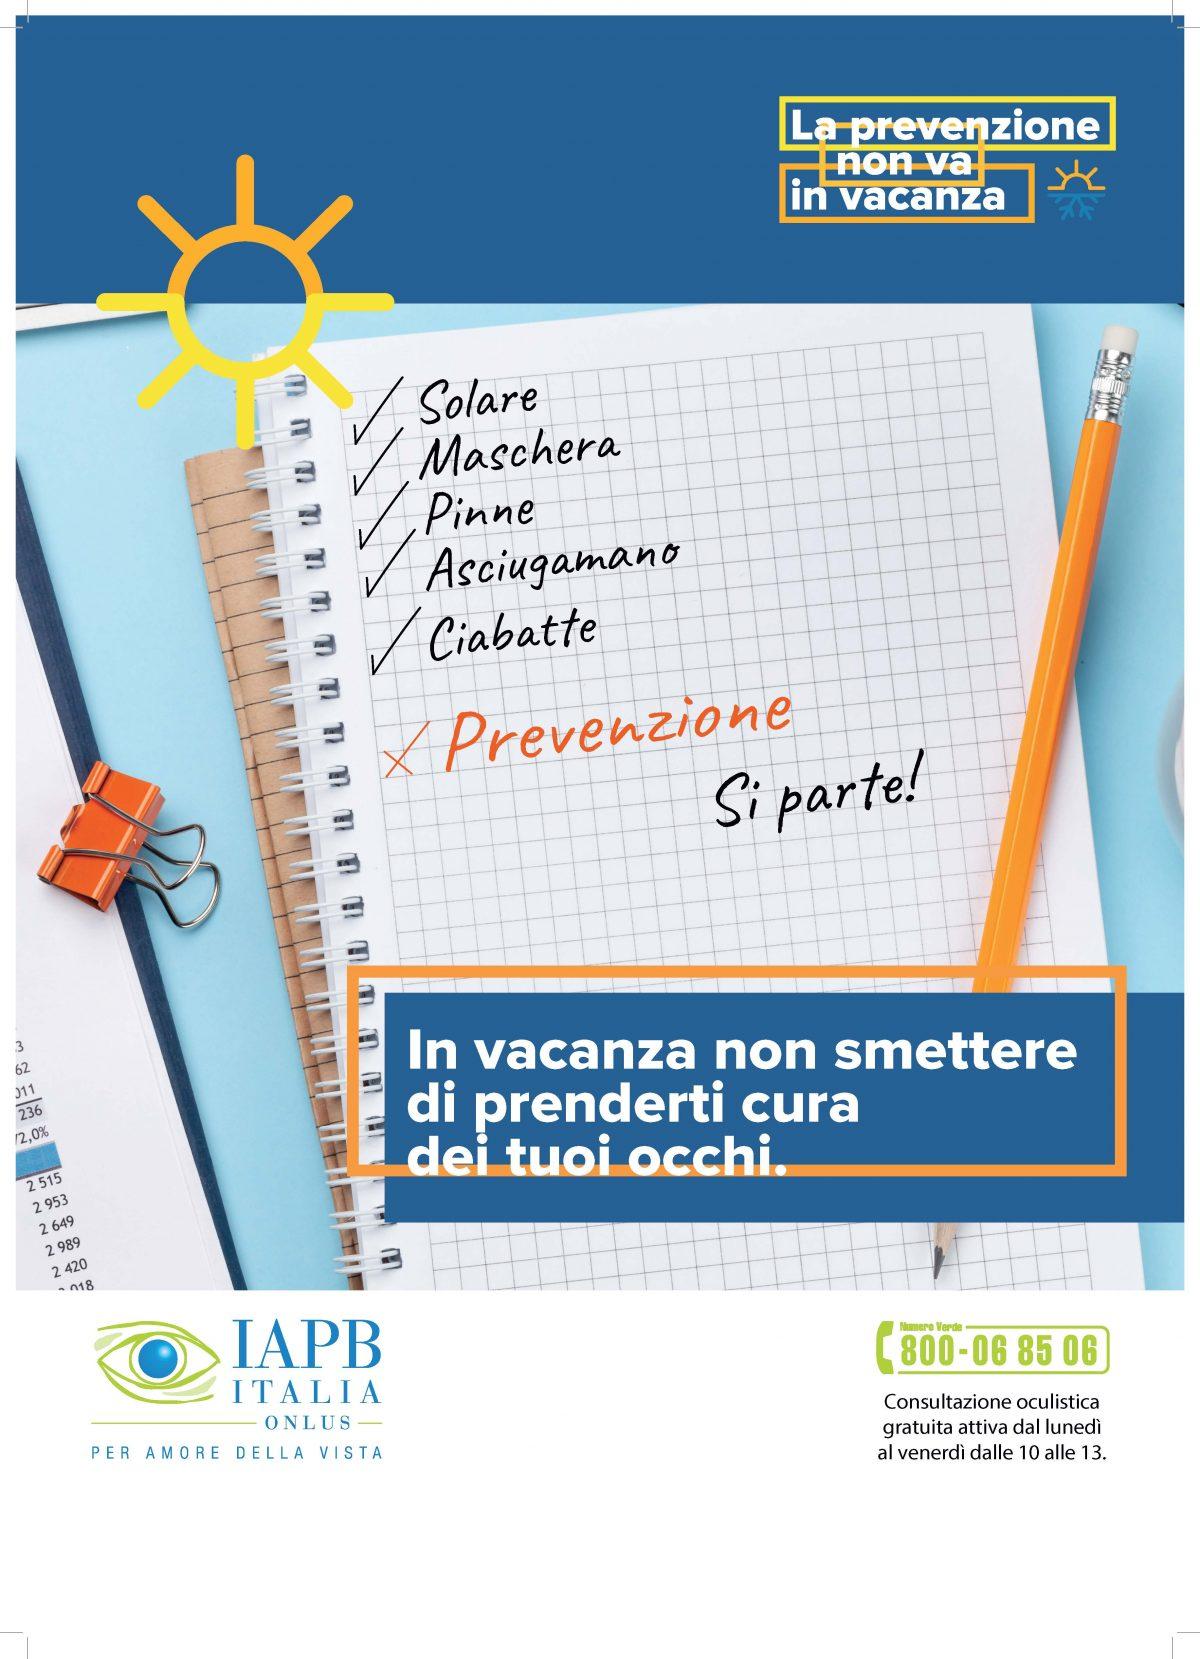 La prevenzione non va in vacanza: visite oculistiche e uscite in catamarano gratis per tutti !!!